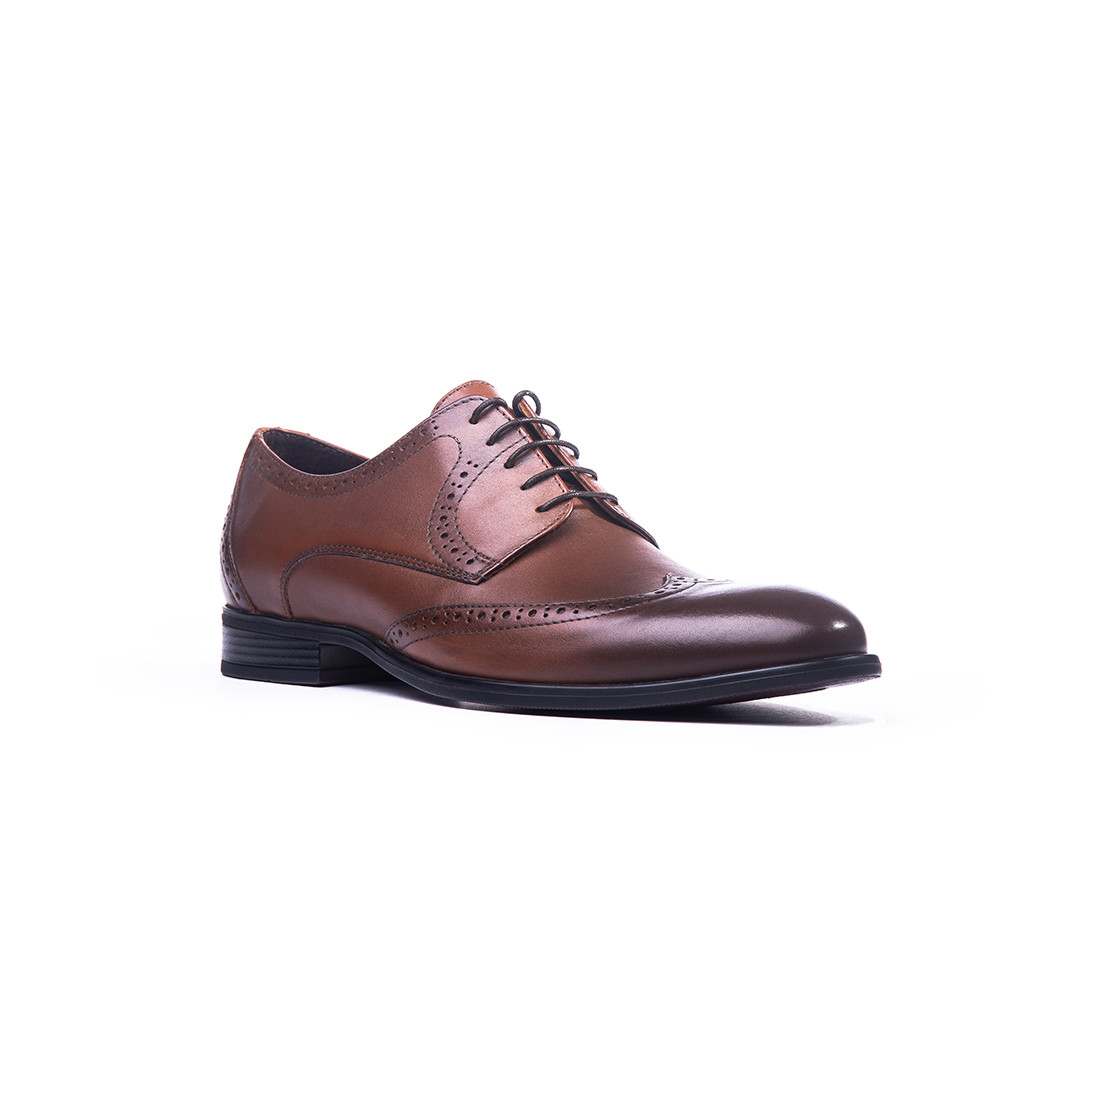 Туфлі чоловічі Ікос 12.1 руді